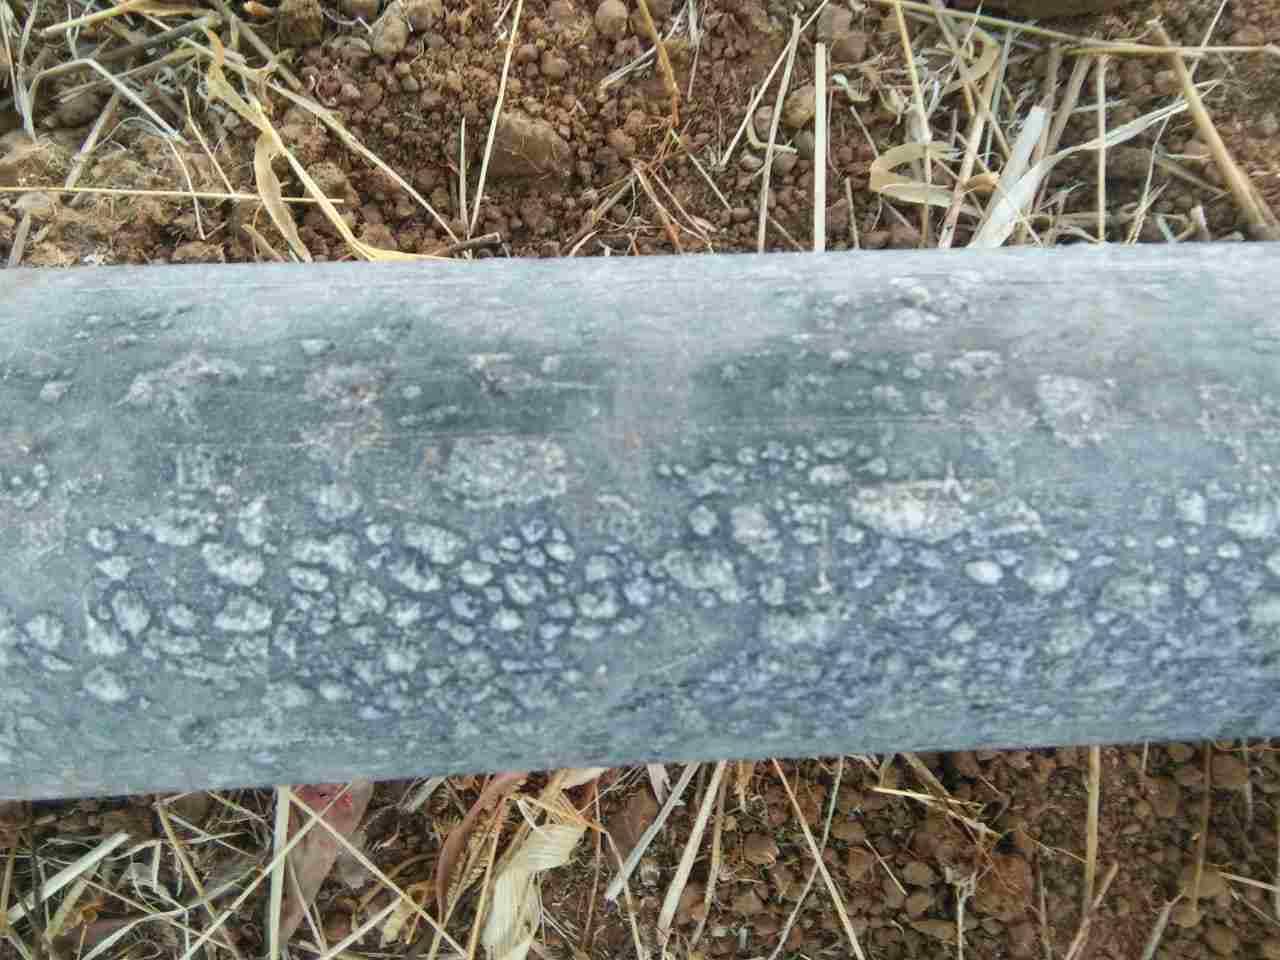 , थंडीचा कडाका वाढला, नंदुरबारमध्ये दवबिंदू गोठले